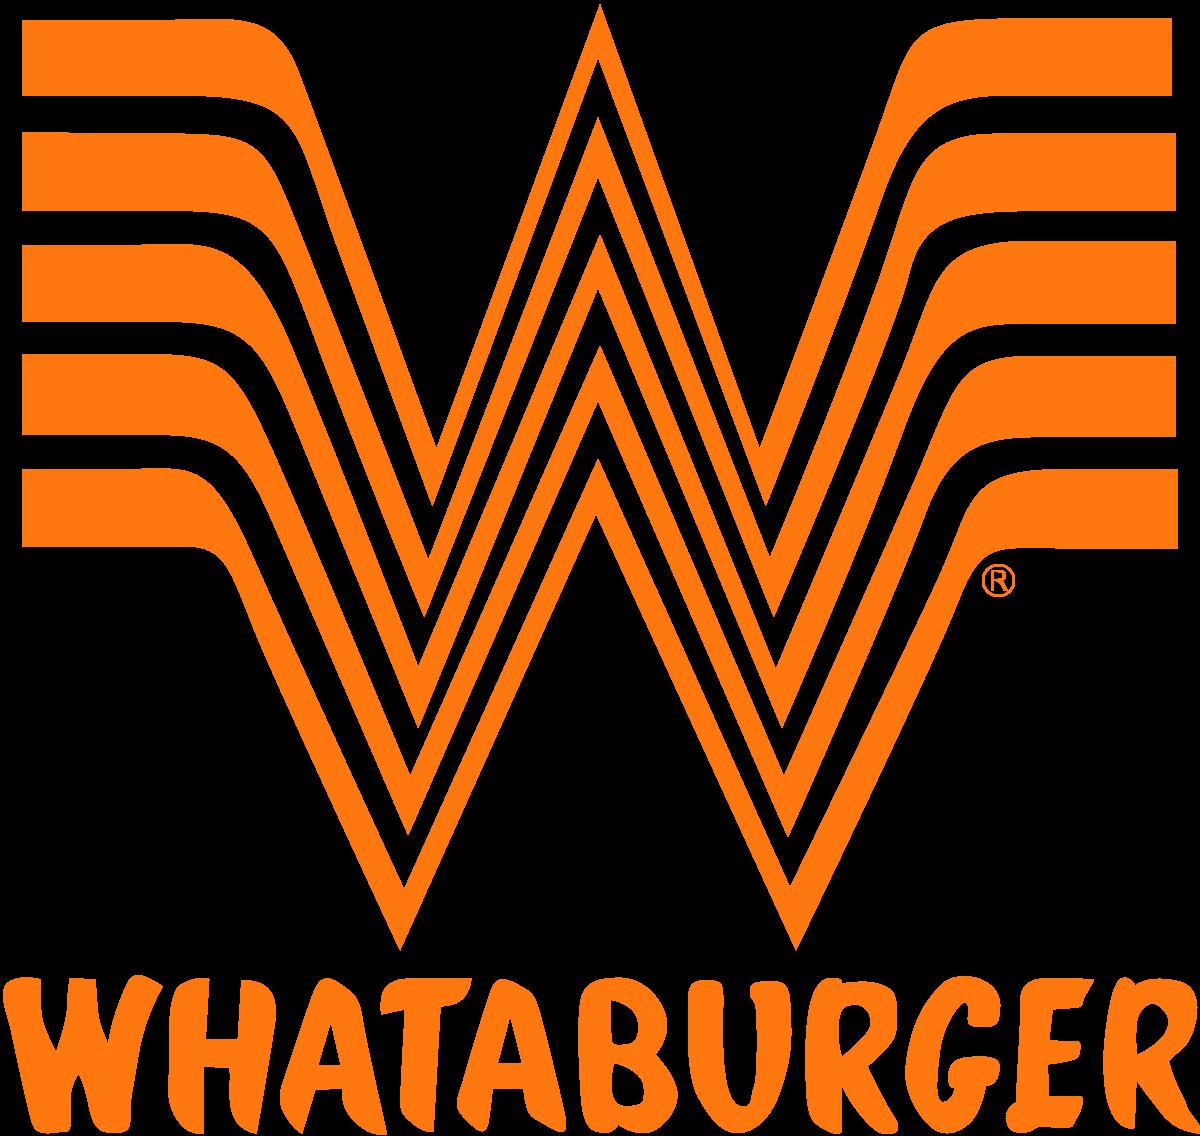 Whataburger of Foley